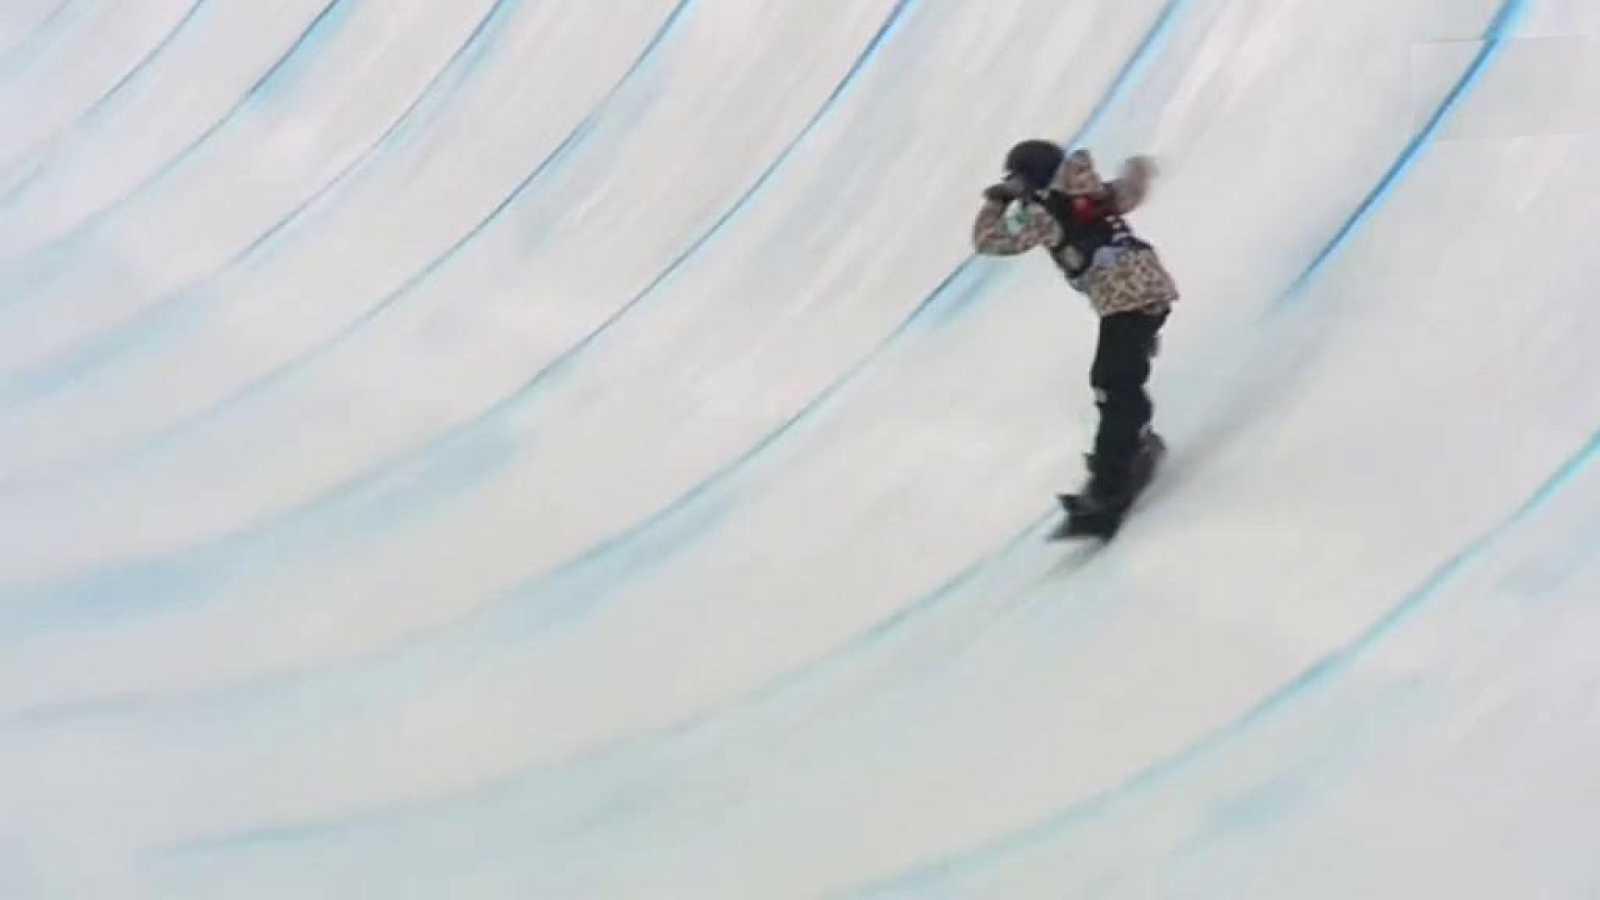 Snowboard - Copa del Mundo 2018/2019 Finales Halfpipe Prueba Cooper Mountain - VER AHORA